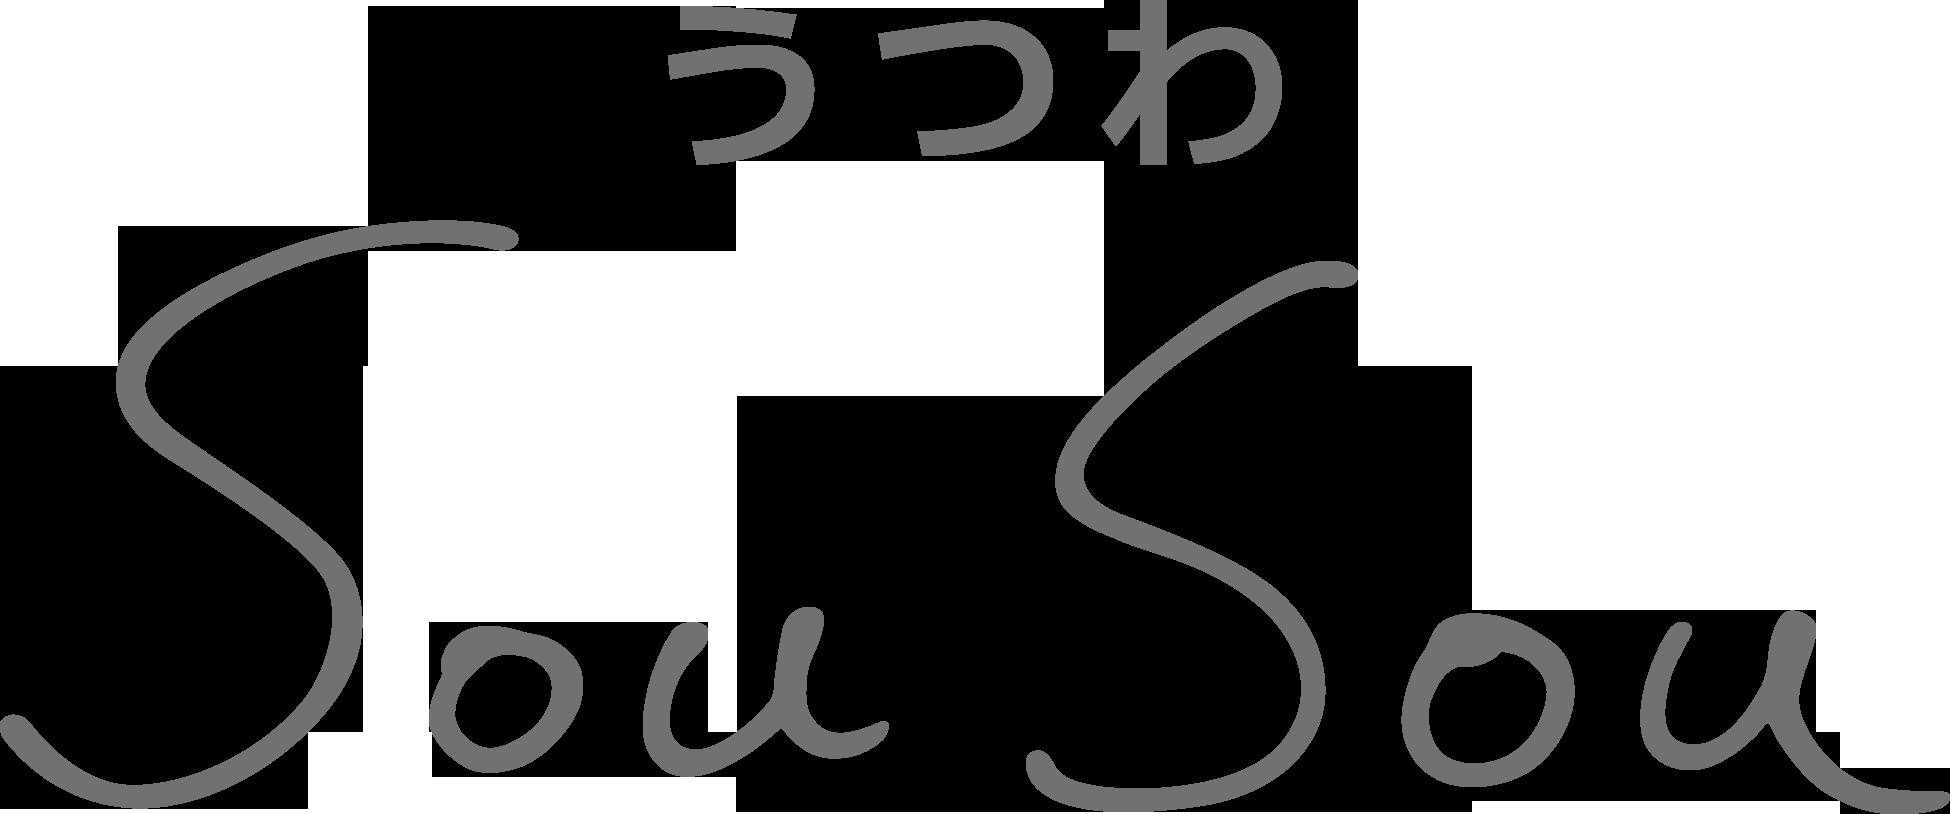 SouSou